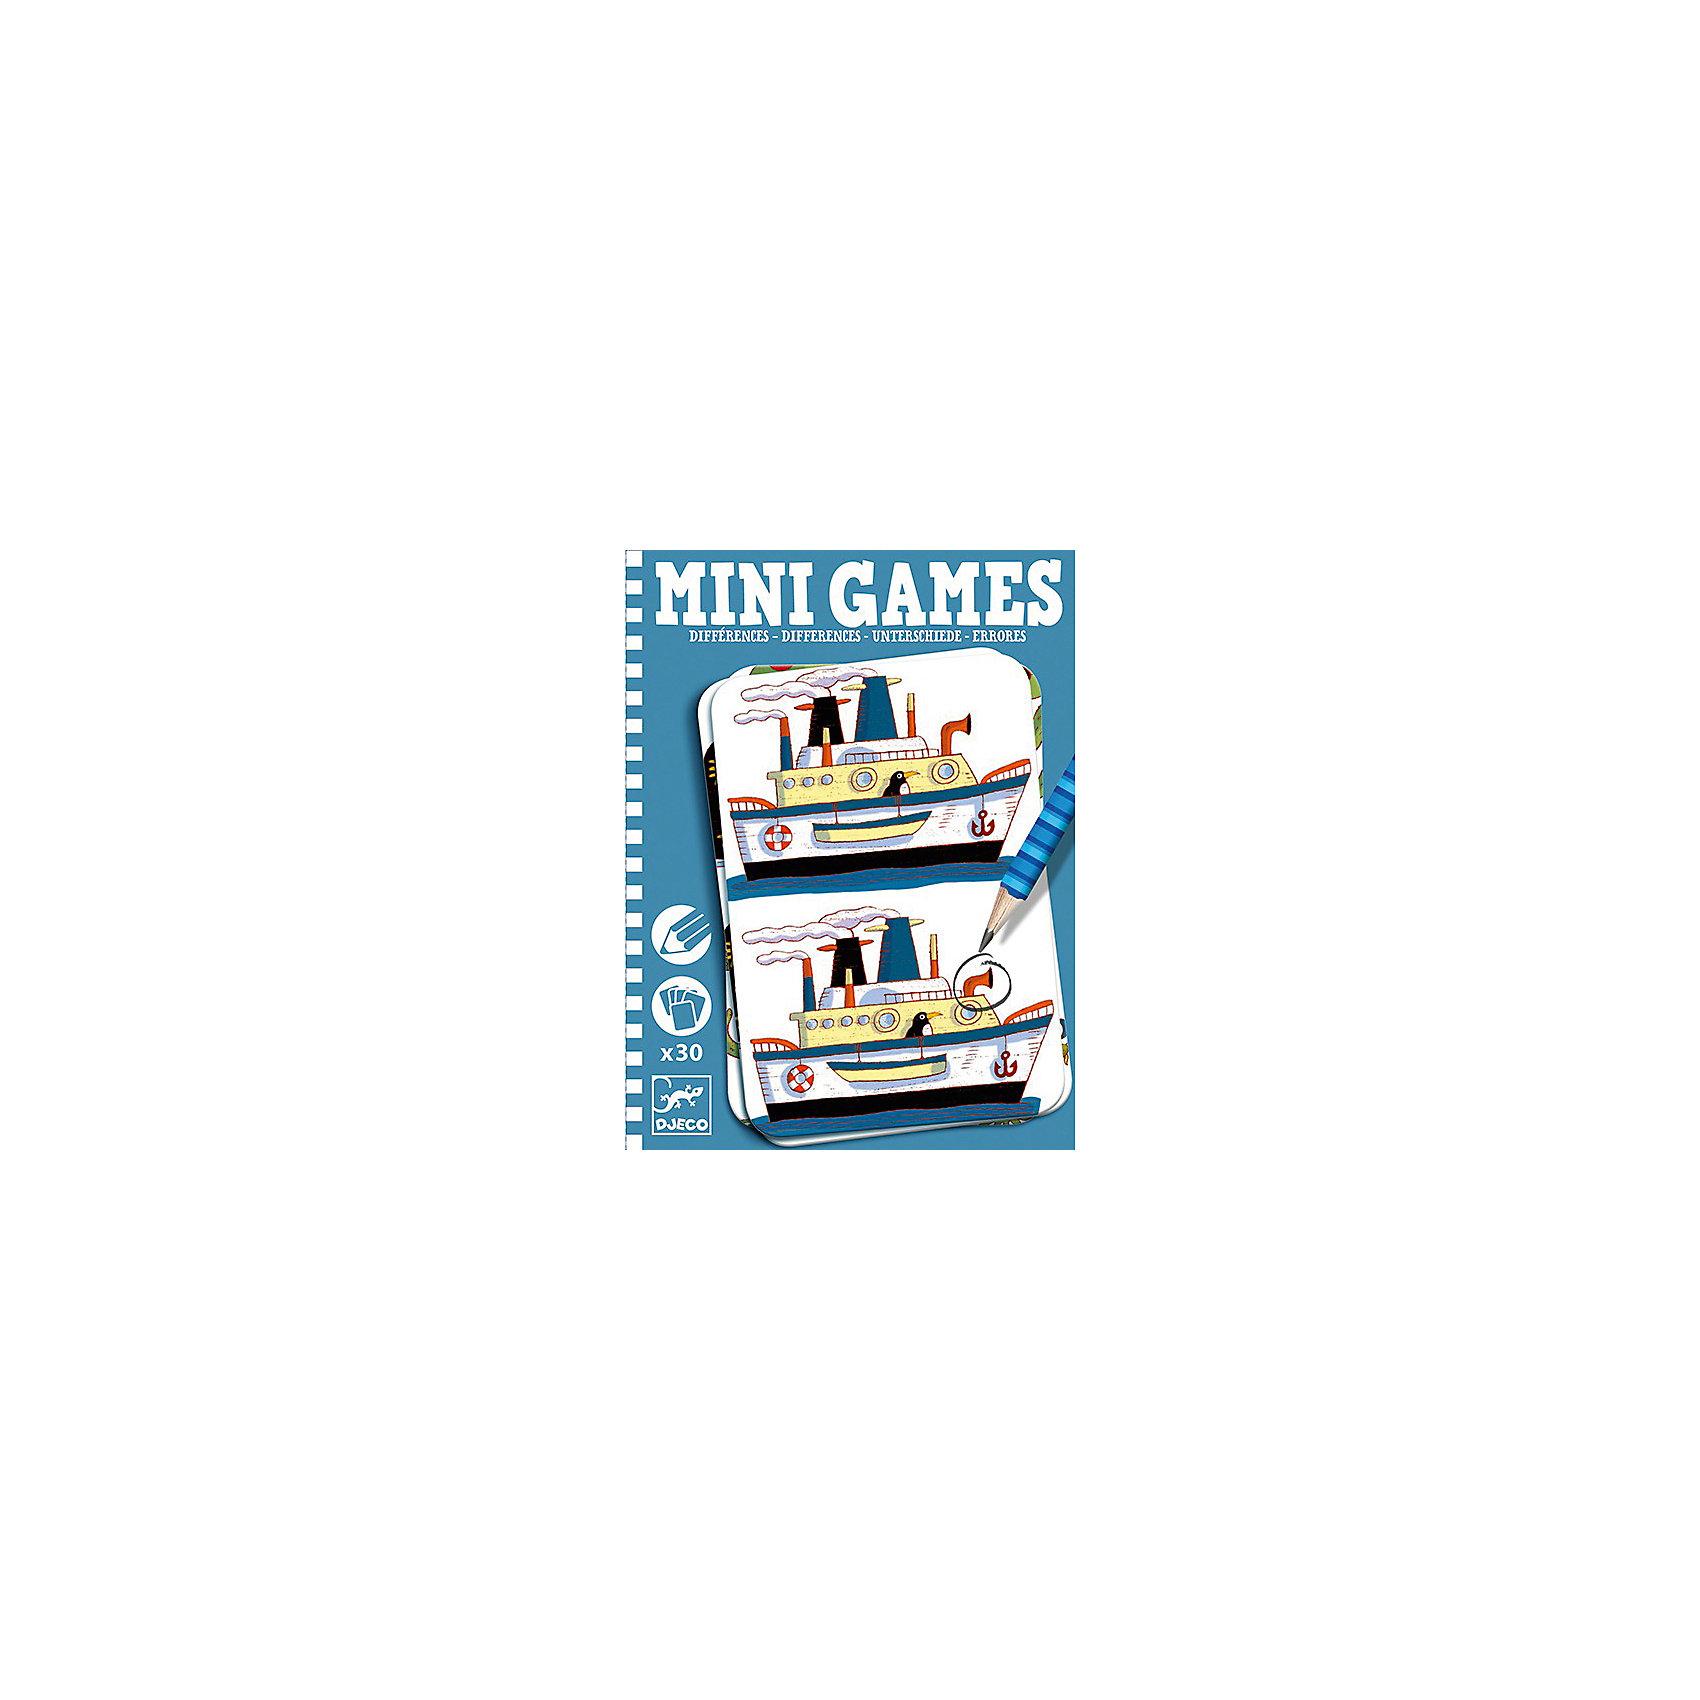 Мини игра Найди отличия: Реми,  DJECOЗабудьте о скучных путешествиях вместе с замечательной игрой Найди отличия: Реми от DJECO (Джеко). Теперь в мини формате! Игра очень красивая и компактная, поэтому она идеальный спутник для маленького непоседы. В комплекте 30 игровых карточек на которых нарисованы любимые детьми забавные картинки, между которыми необходимо найти 7 отличий. Игра настолько увлекательная, что ее можно использовать и для целой компании, находя отличия на скорость. Очень важно развивать у малыша внимание, усидчивость и логику. А лучше делать все это во время увлекательной игры, которая никогда не надоедает, ведь в наборе масса карточек с разными сюжетами!<br><br>Дополнительная информация: <br><br>- В наборе: 30 игровых карточек, карандаш;<br>- Удобно брать в путешествия;<br>- Можно играть одному или с компанией ;<br>- Отличный подарок;<br>- Понравится и взрослым и детям;<br>- Игра  продается в красивой картонной коробке;<br>- Размер упаковки: 11 х 15 х 2 см<br>- Вес: 250 г<br><br>Мини игру Найди отличия: Реми,  DJECO (Джеко) можно купить в нашем интернет-магазине.<br><br>Ширина мм: 110<br>Глубина мм: 150<br>Высота мм: 13<br>Вес г: 170<br>Возраст от месяцев: 72<br>Возраст до месяцев: 144<br>Пол: Унисекс<br>Возраст: Детский<br>SKU: 3778407